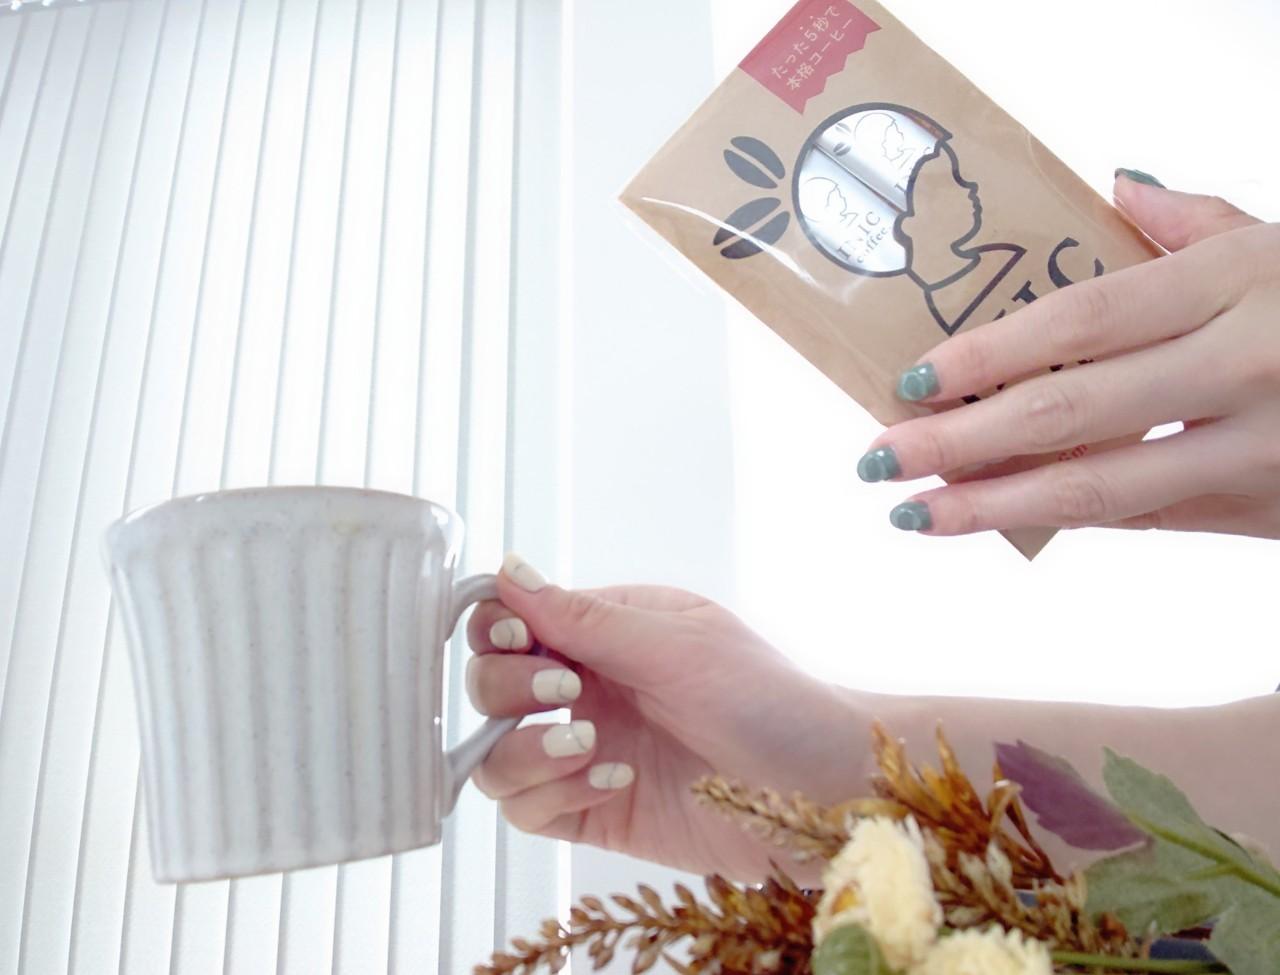 INIC coffee_コーヒーのパッケージとカップを持っているところ